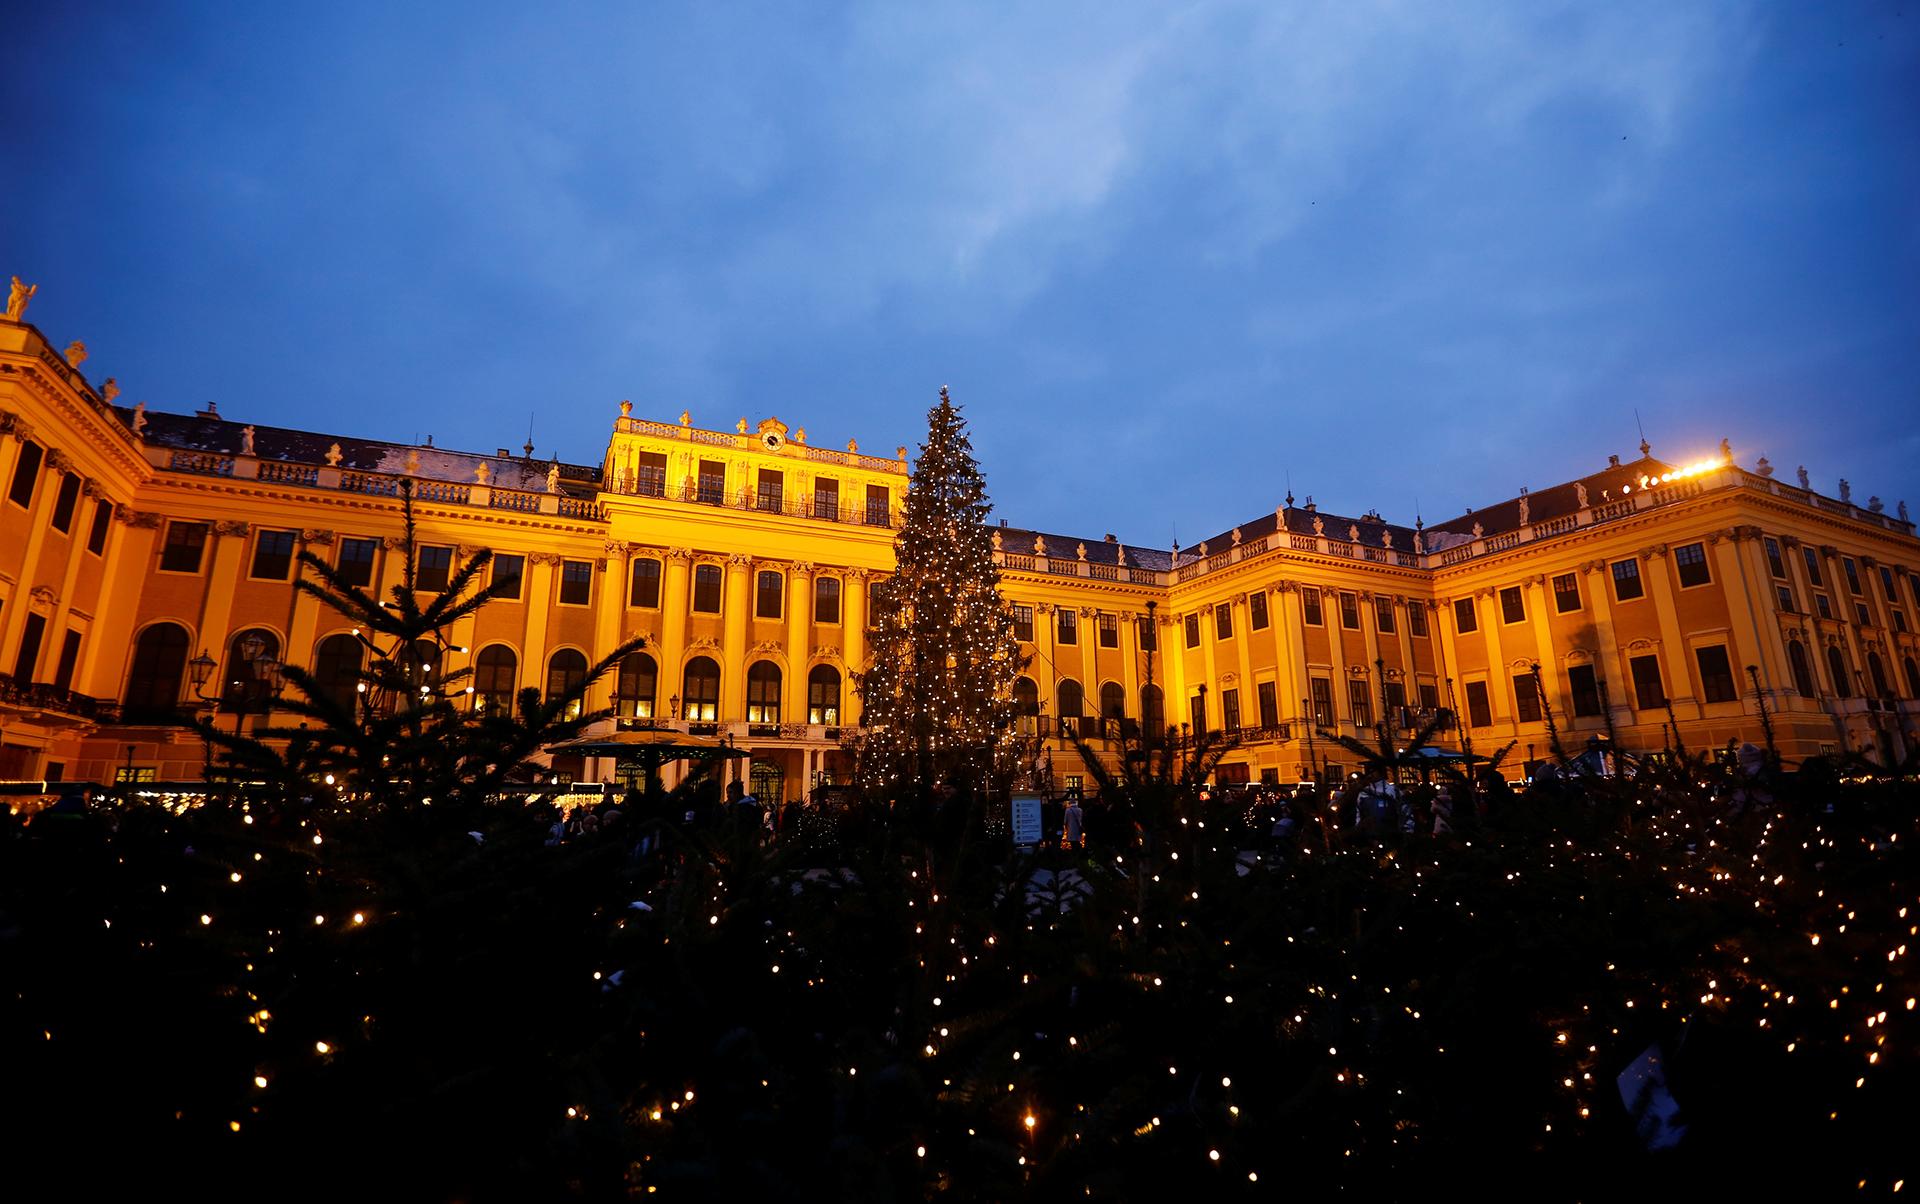 El palacio Schoenbrunn en Viena, Austria, con múltiples árboles iluminados